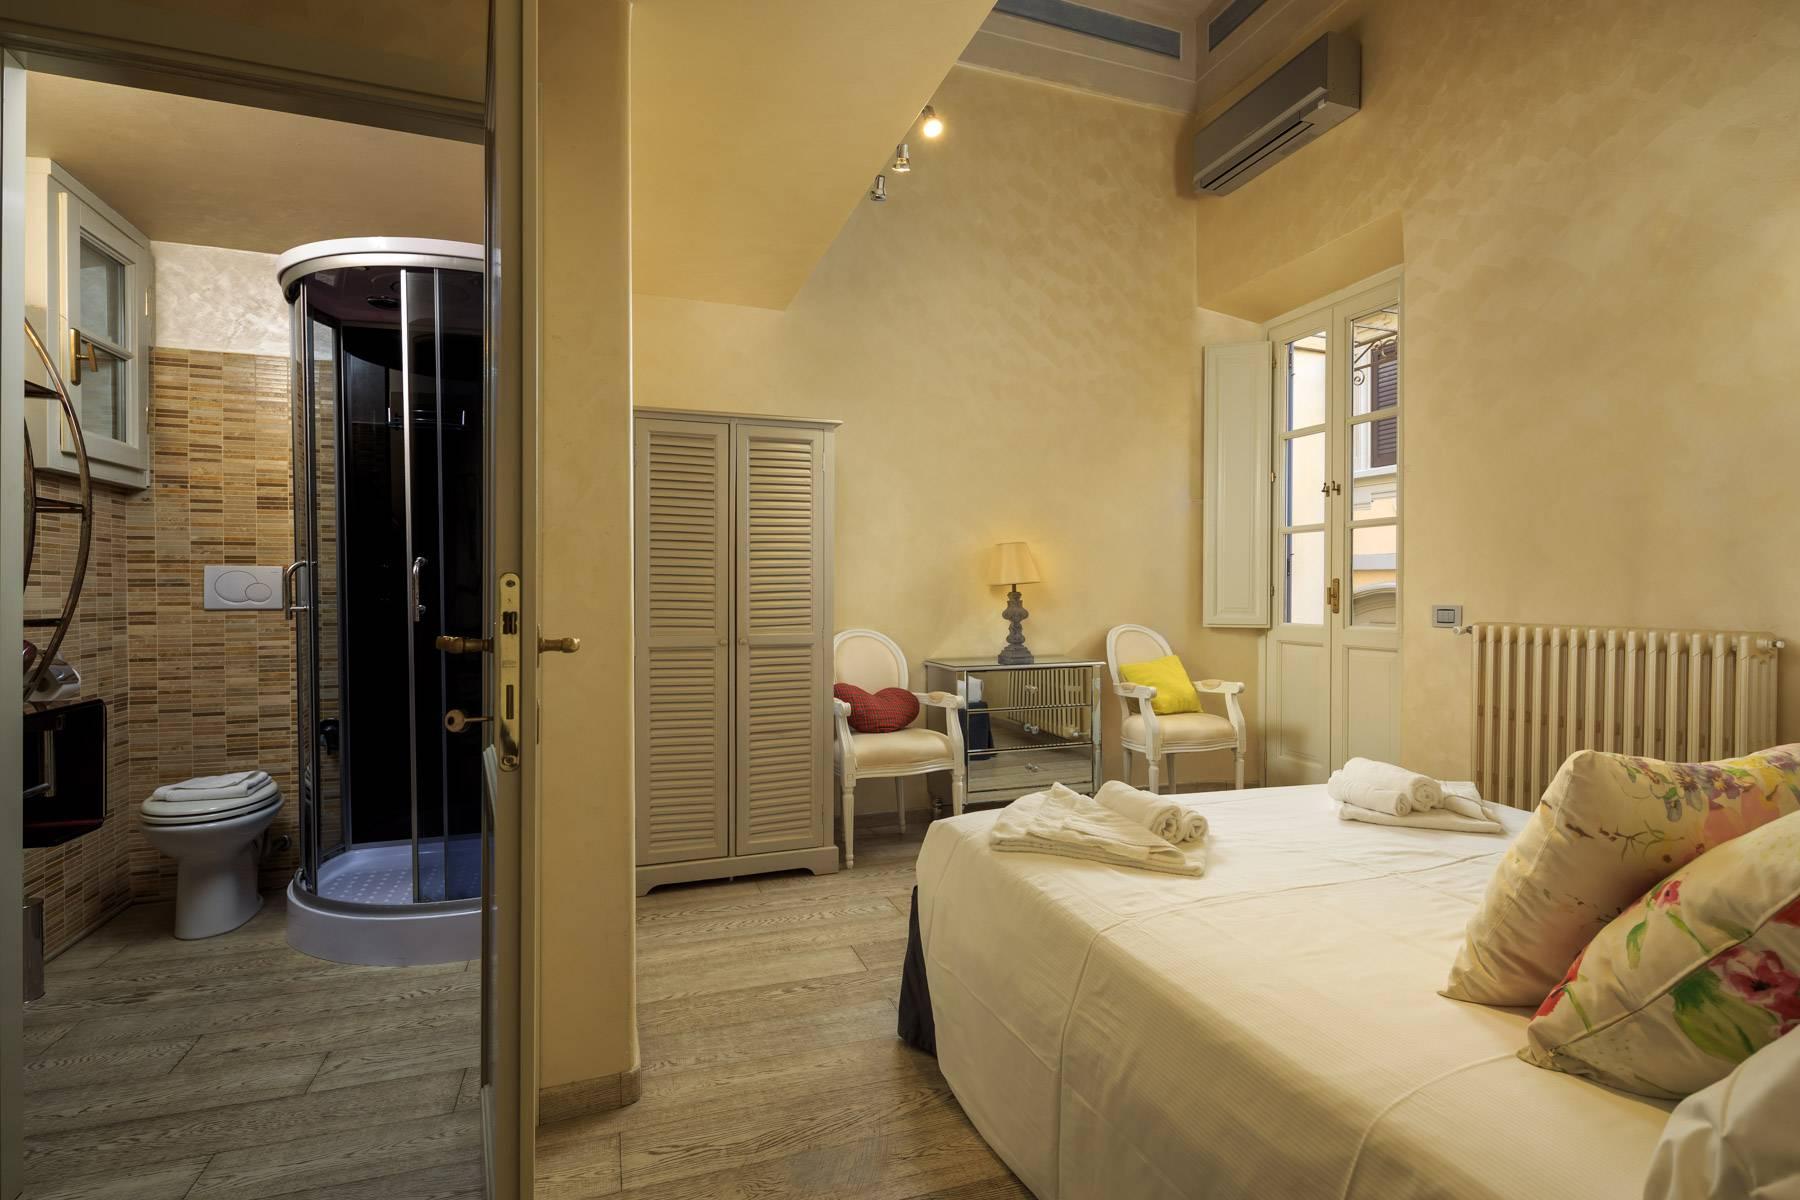 Appartamento in Vendita a Firenze: 5 locali, 140 mq - Foto 7